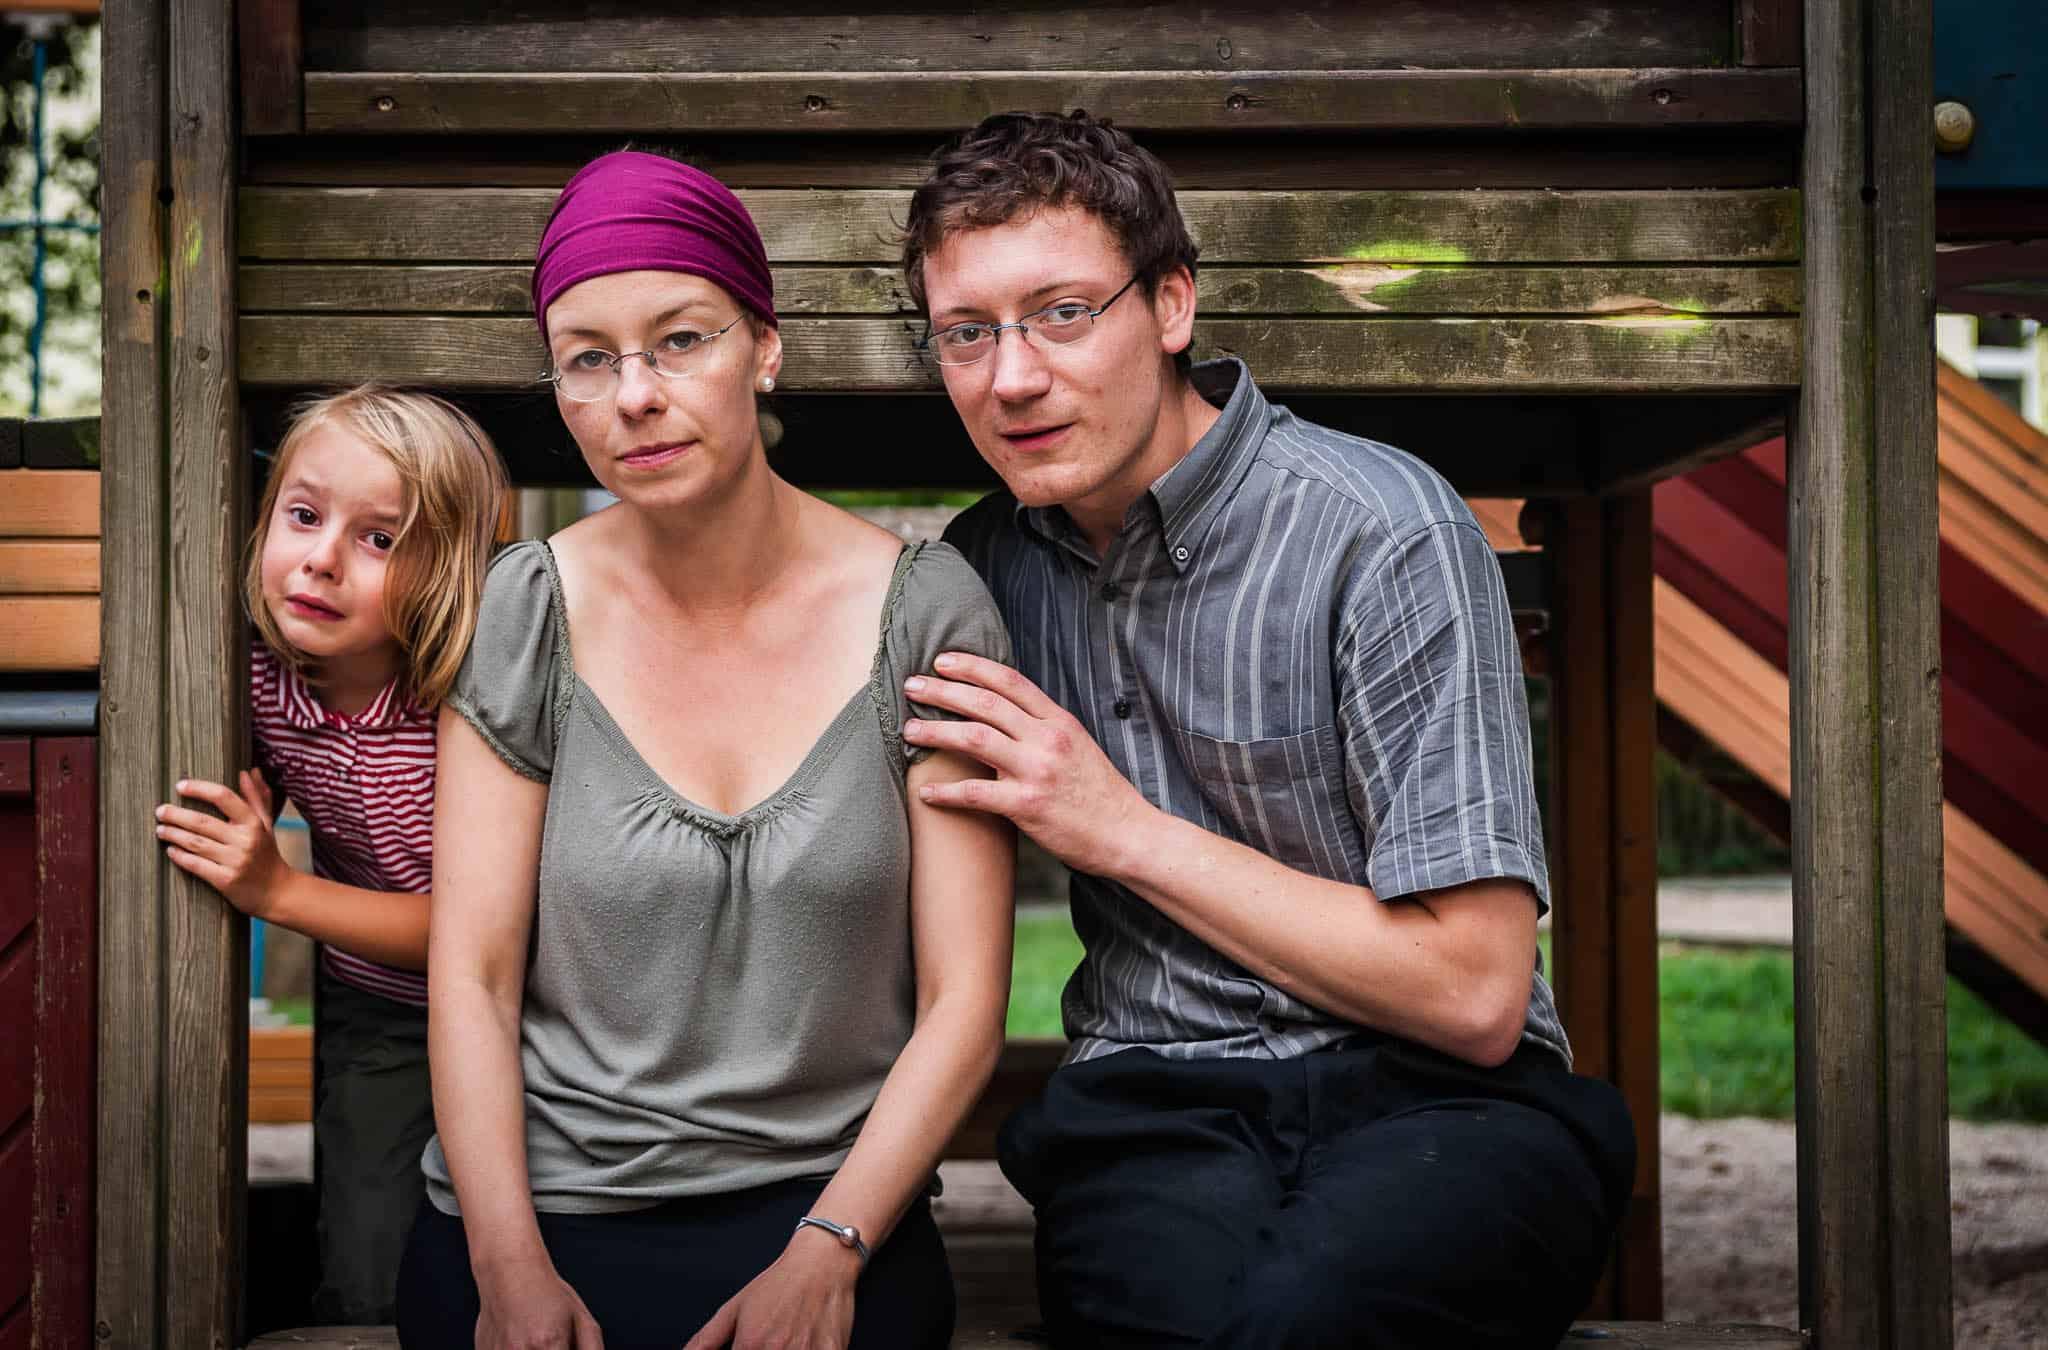 Junge Familie, ernste Situation, Pentacon 29mm 2.8